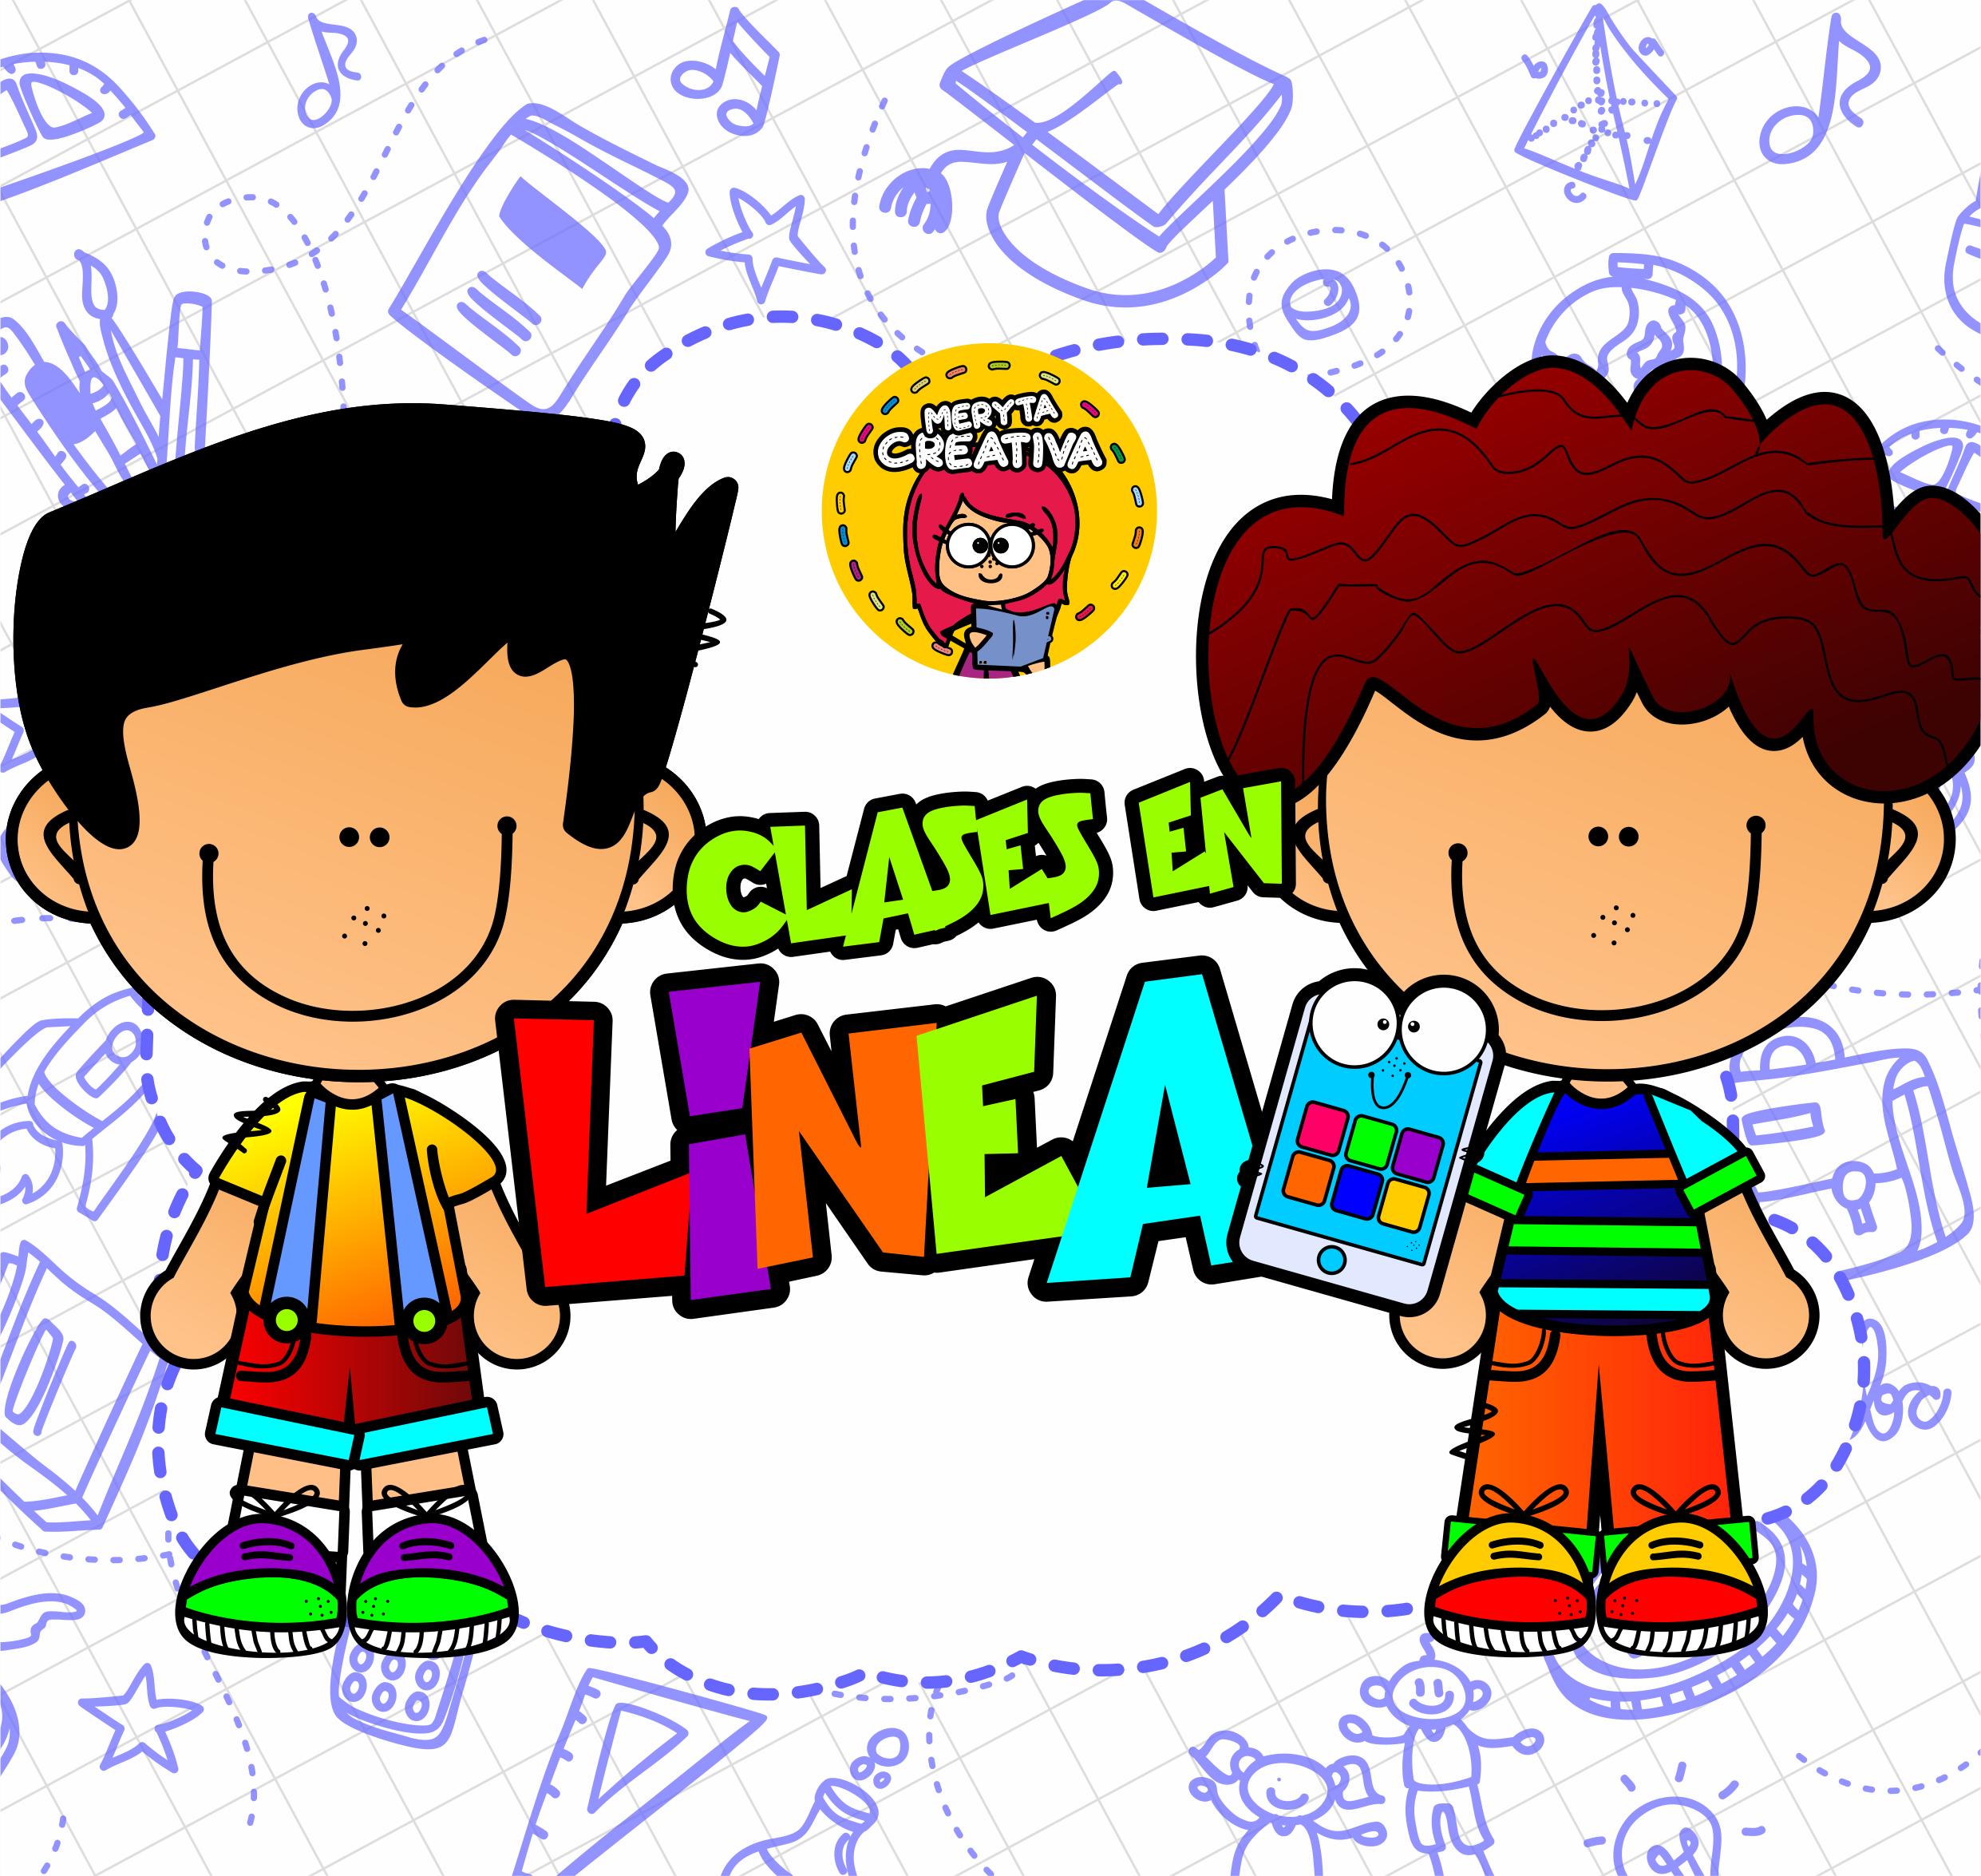 Normas De Clases En Linea Materiales Para Preescolar Etiquetas Preescolares Clases En Linea